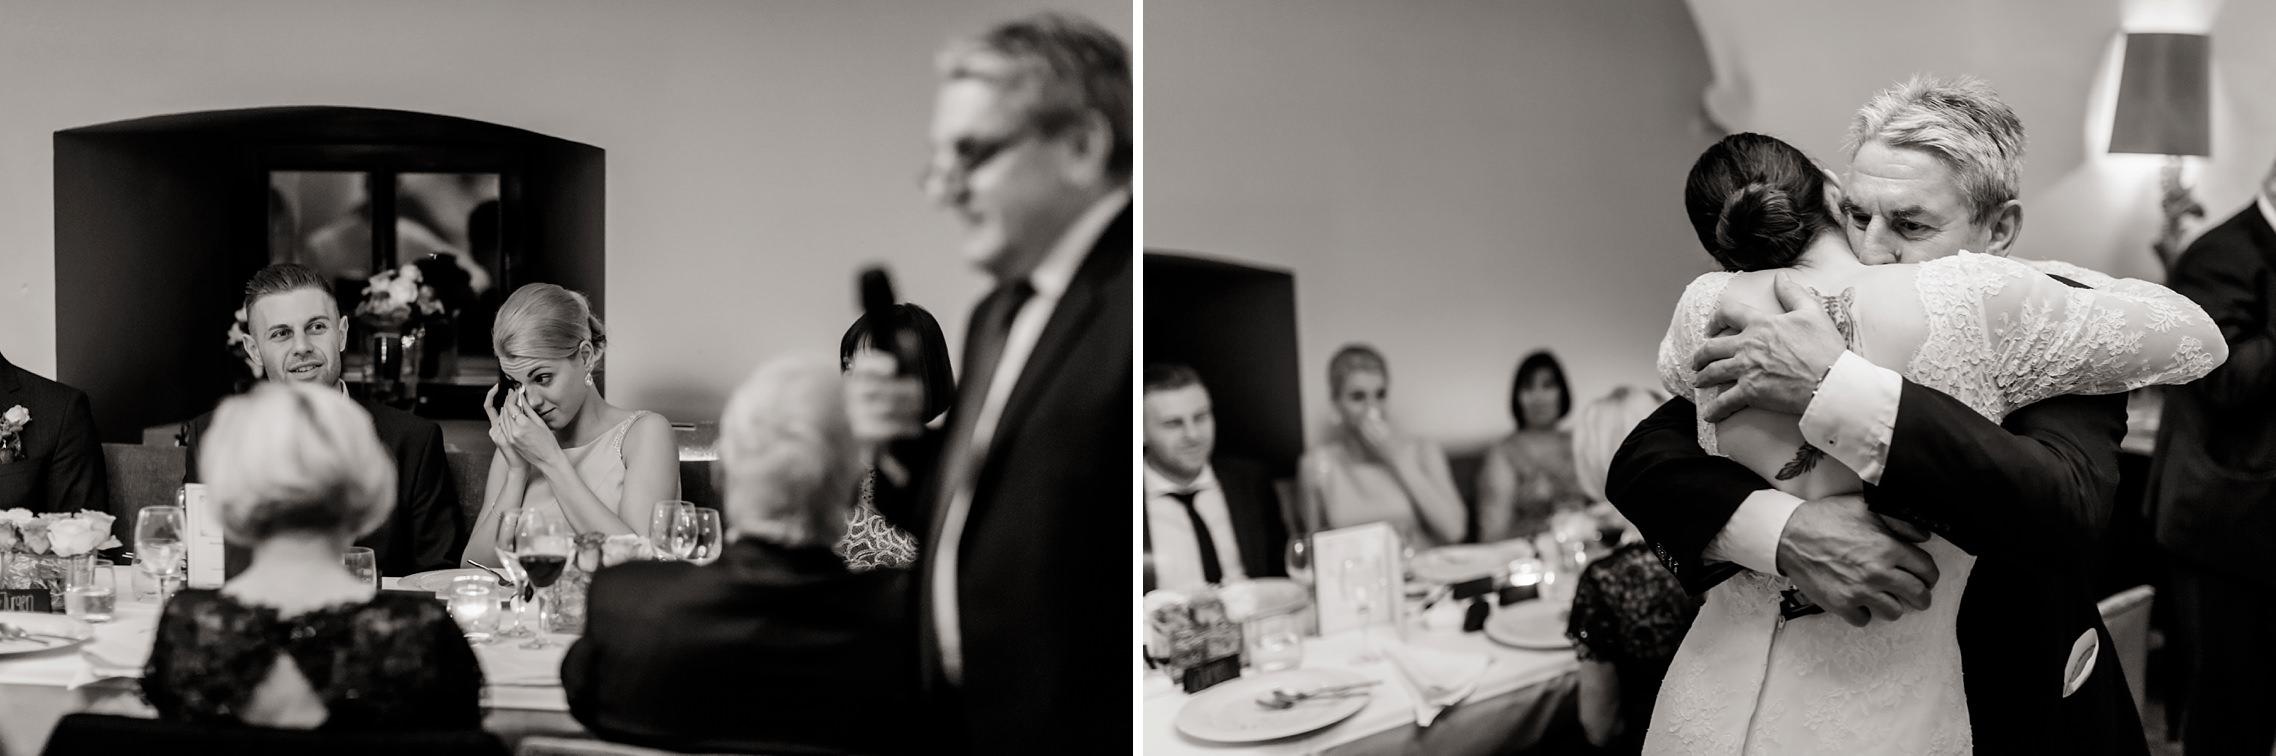 Hochzeitsfotograf Hyatt Mainz